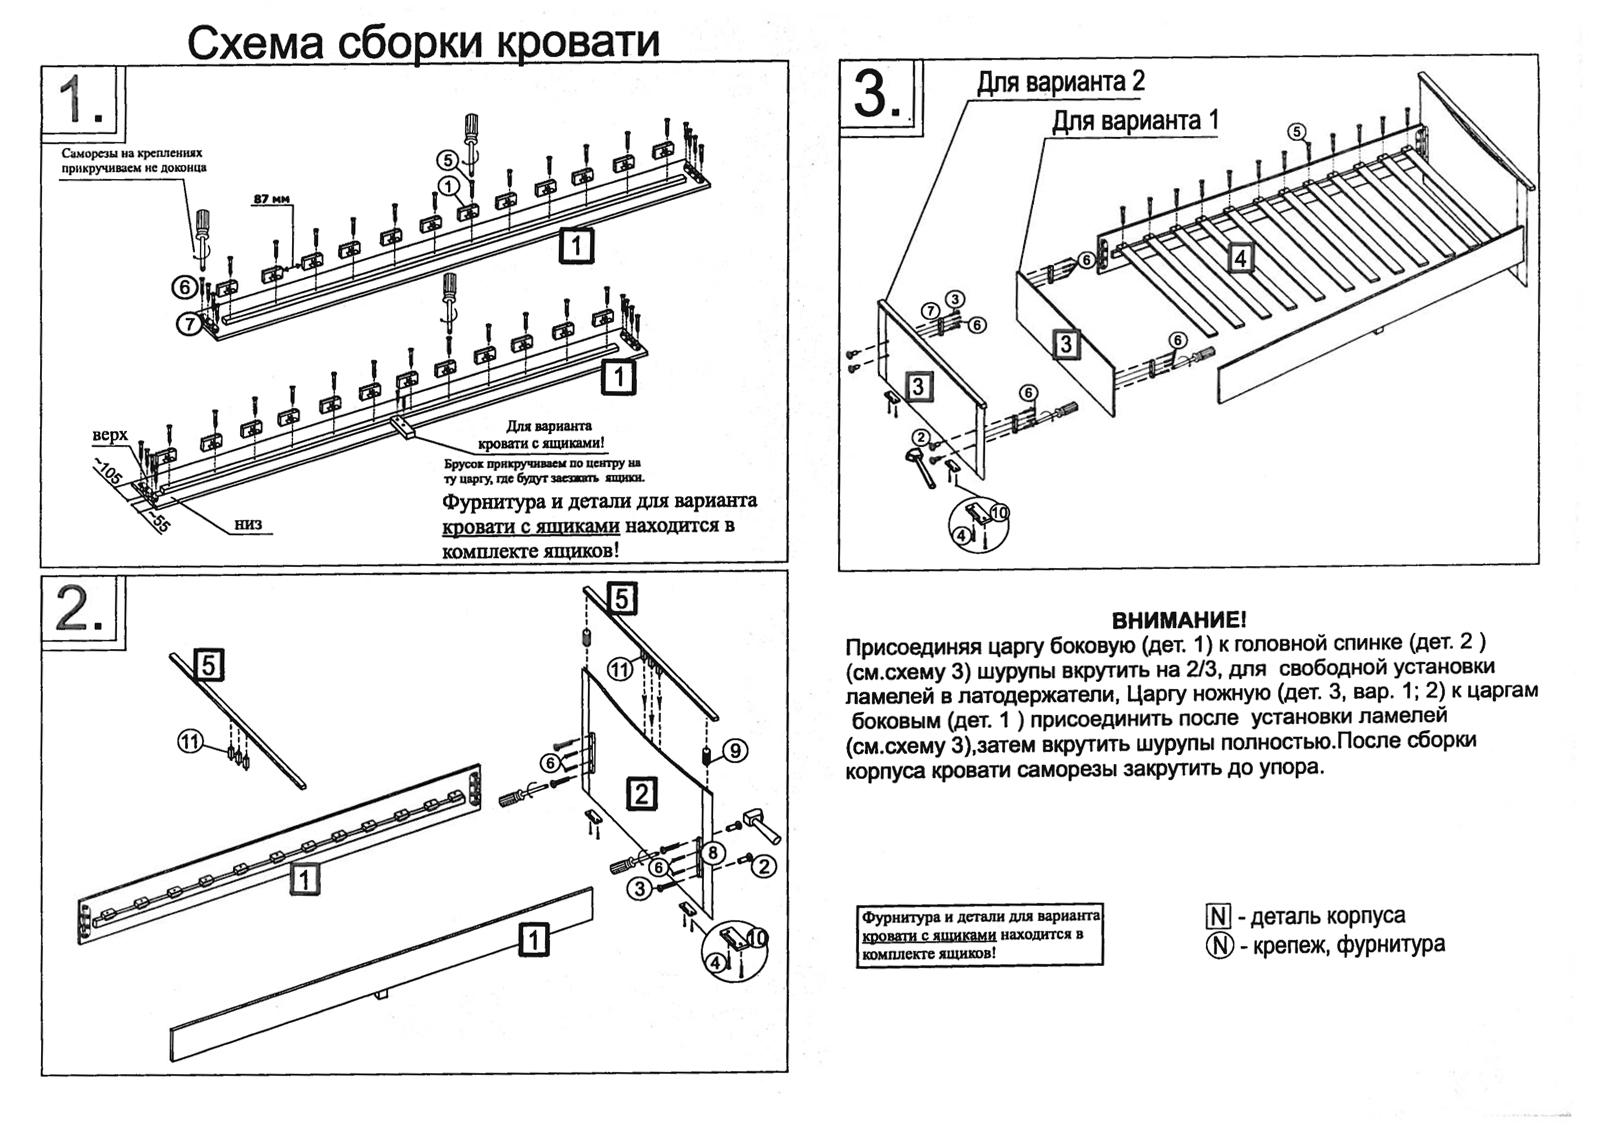 инструкция по сборке кровати карина 3